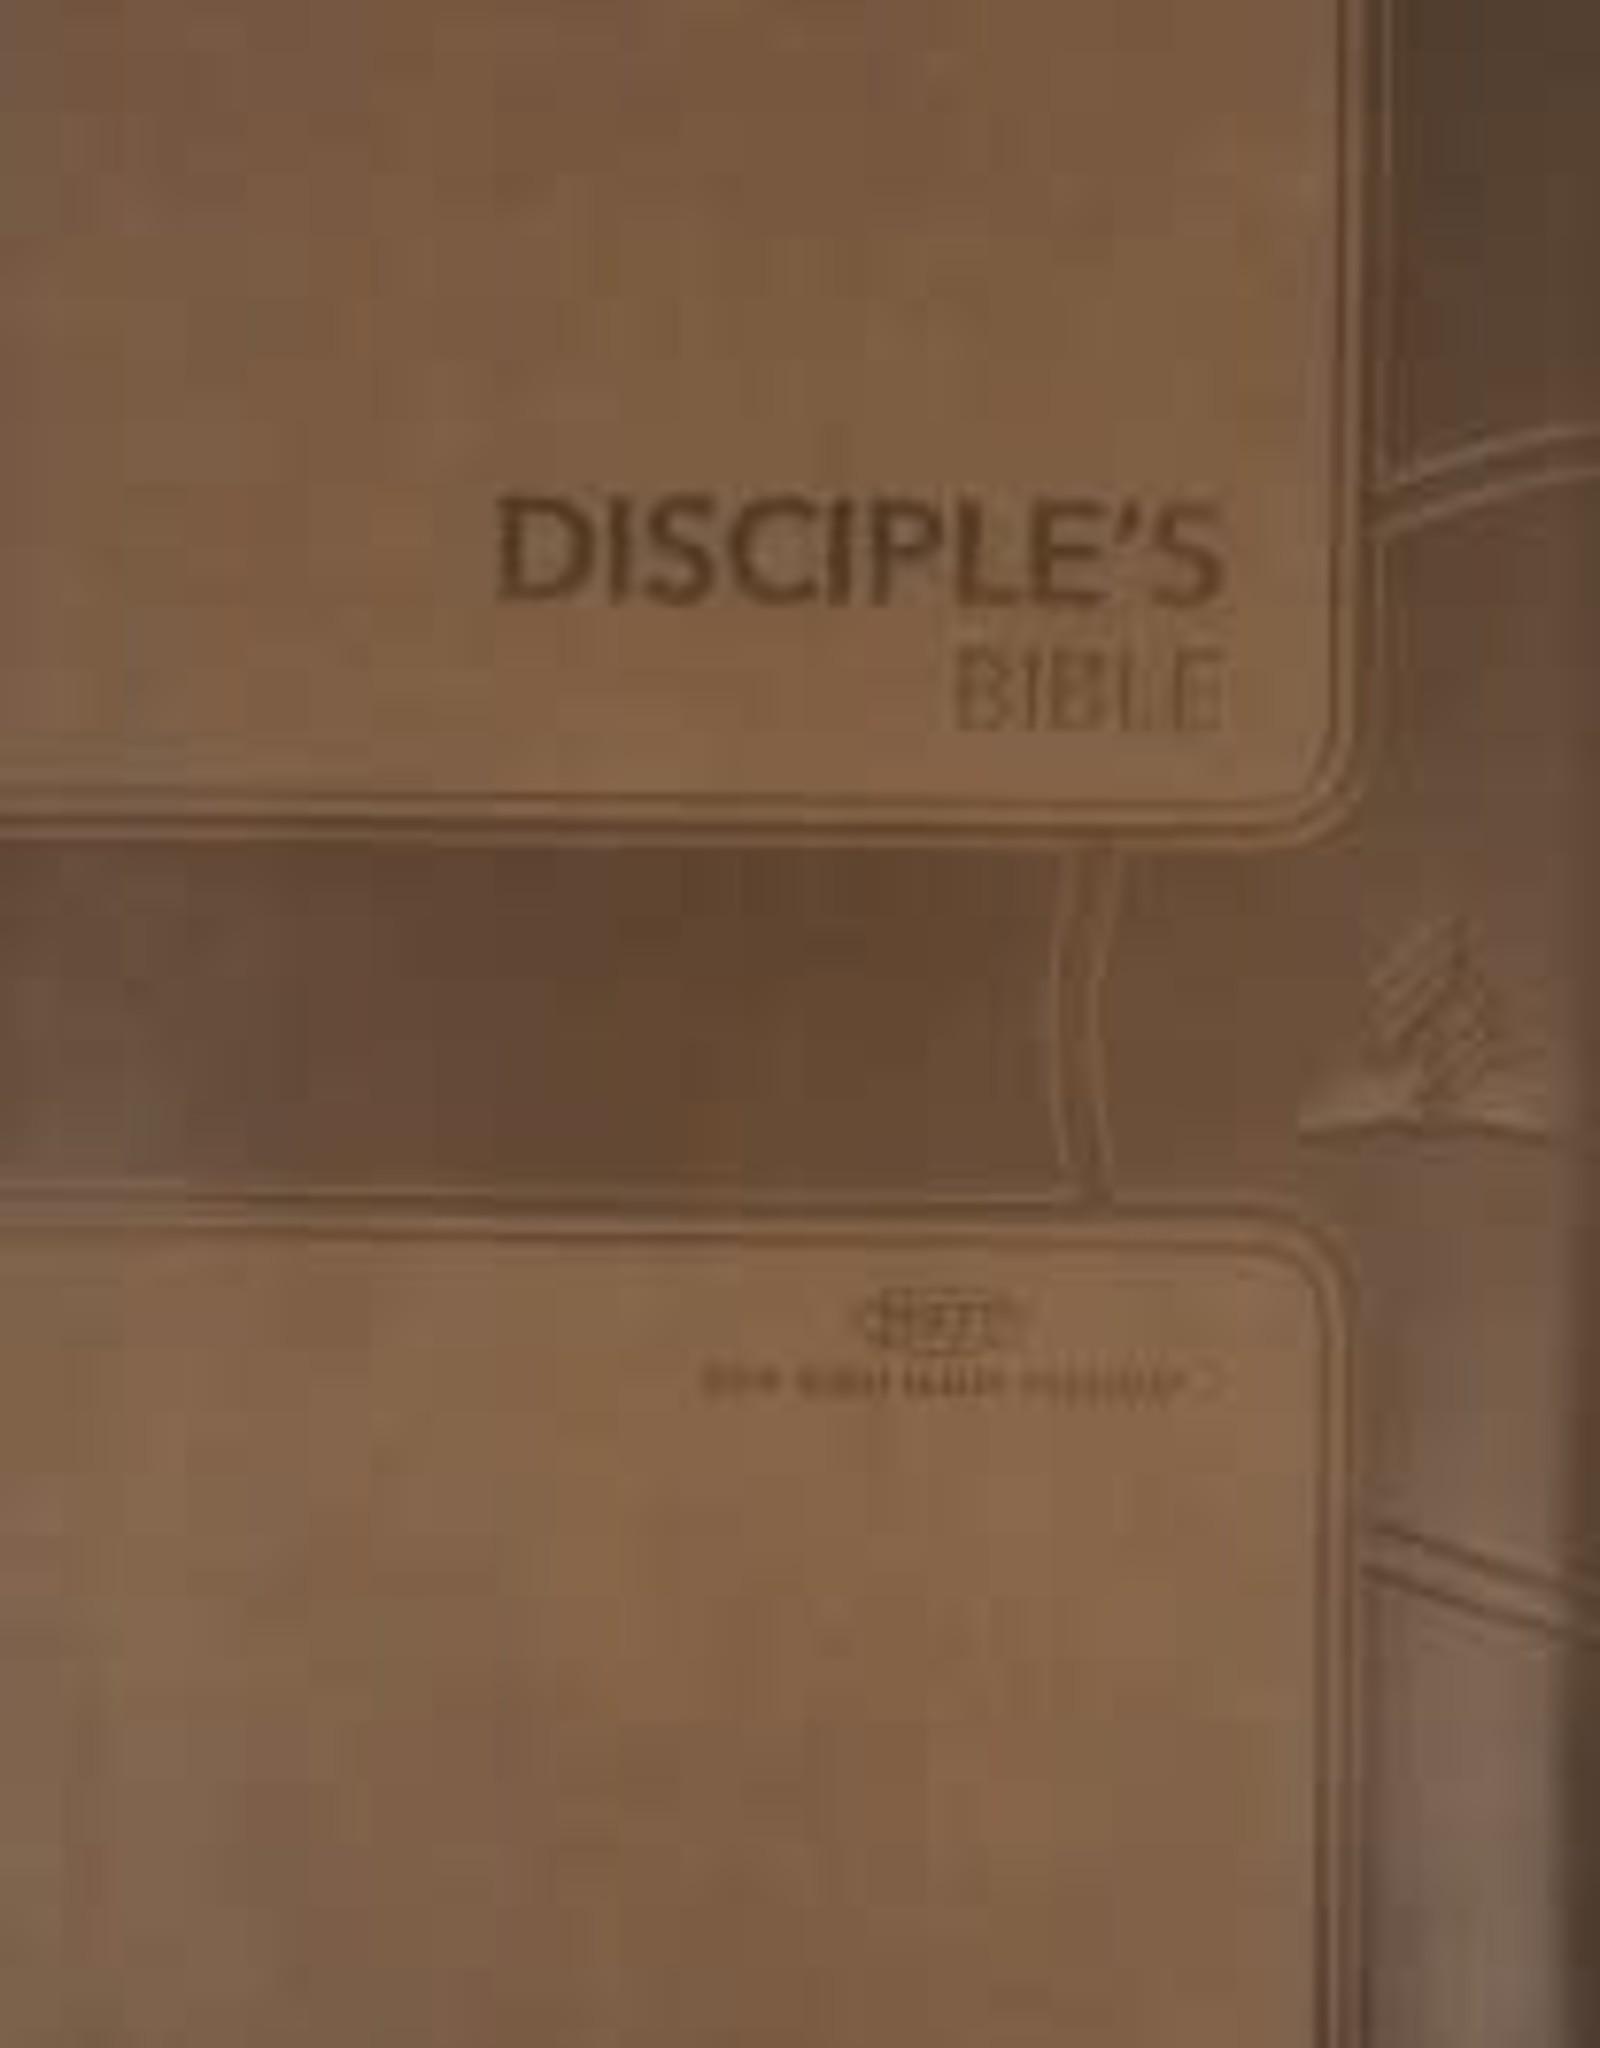 Louis Second Disciple's Bible